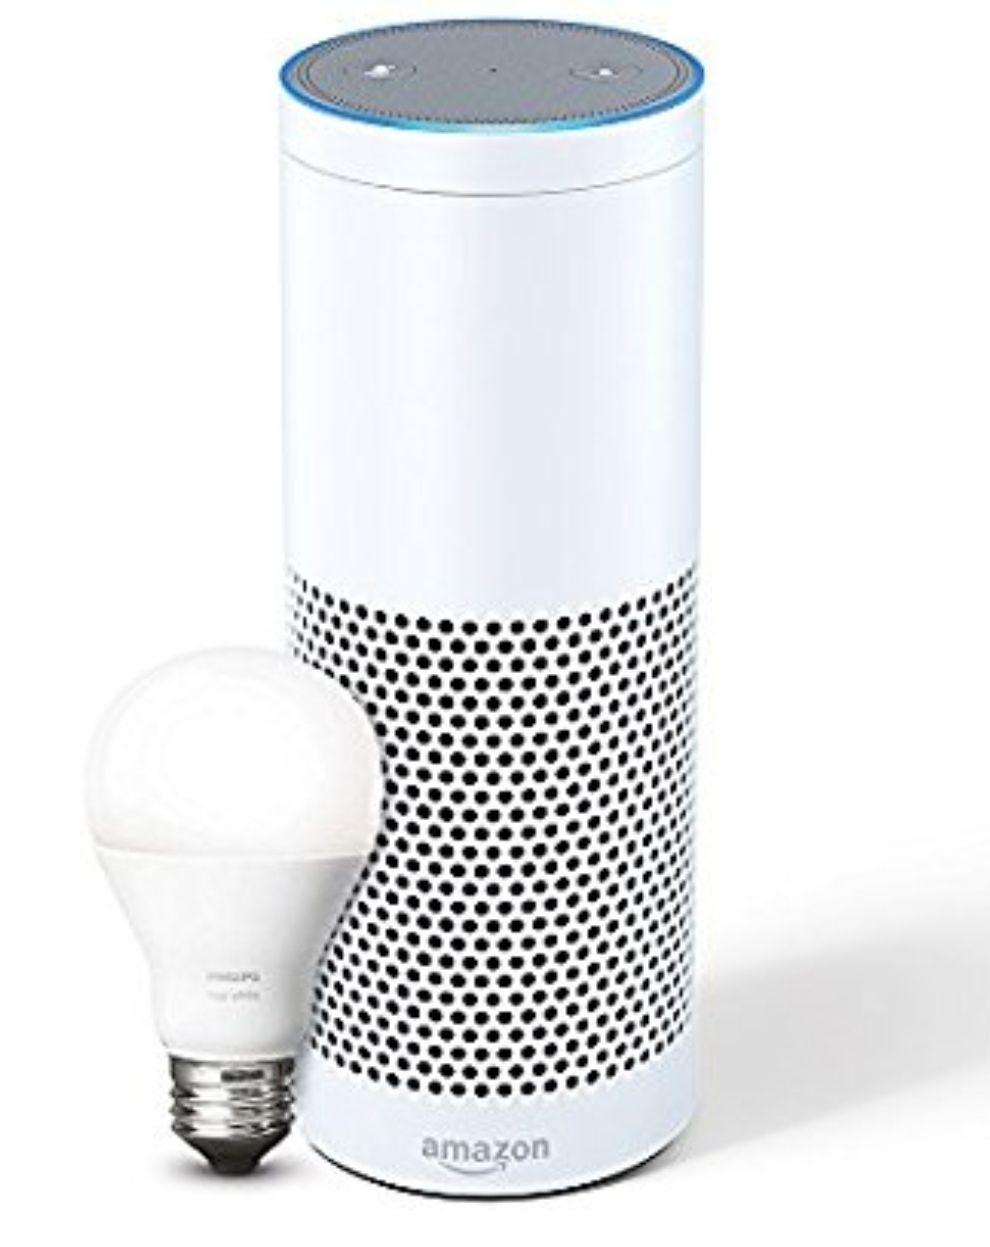 DREIFACH SPAREN! Amazon Echo Plus mit Philips Hue E27 Lampe und zusätzlich Tp Link HS100 Wlan-Steckdose